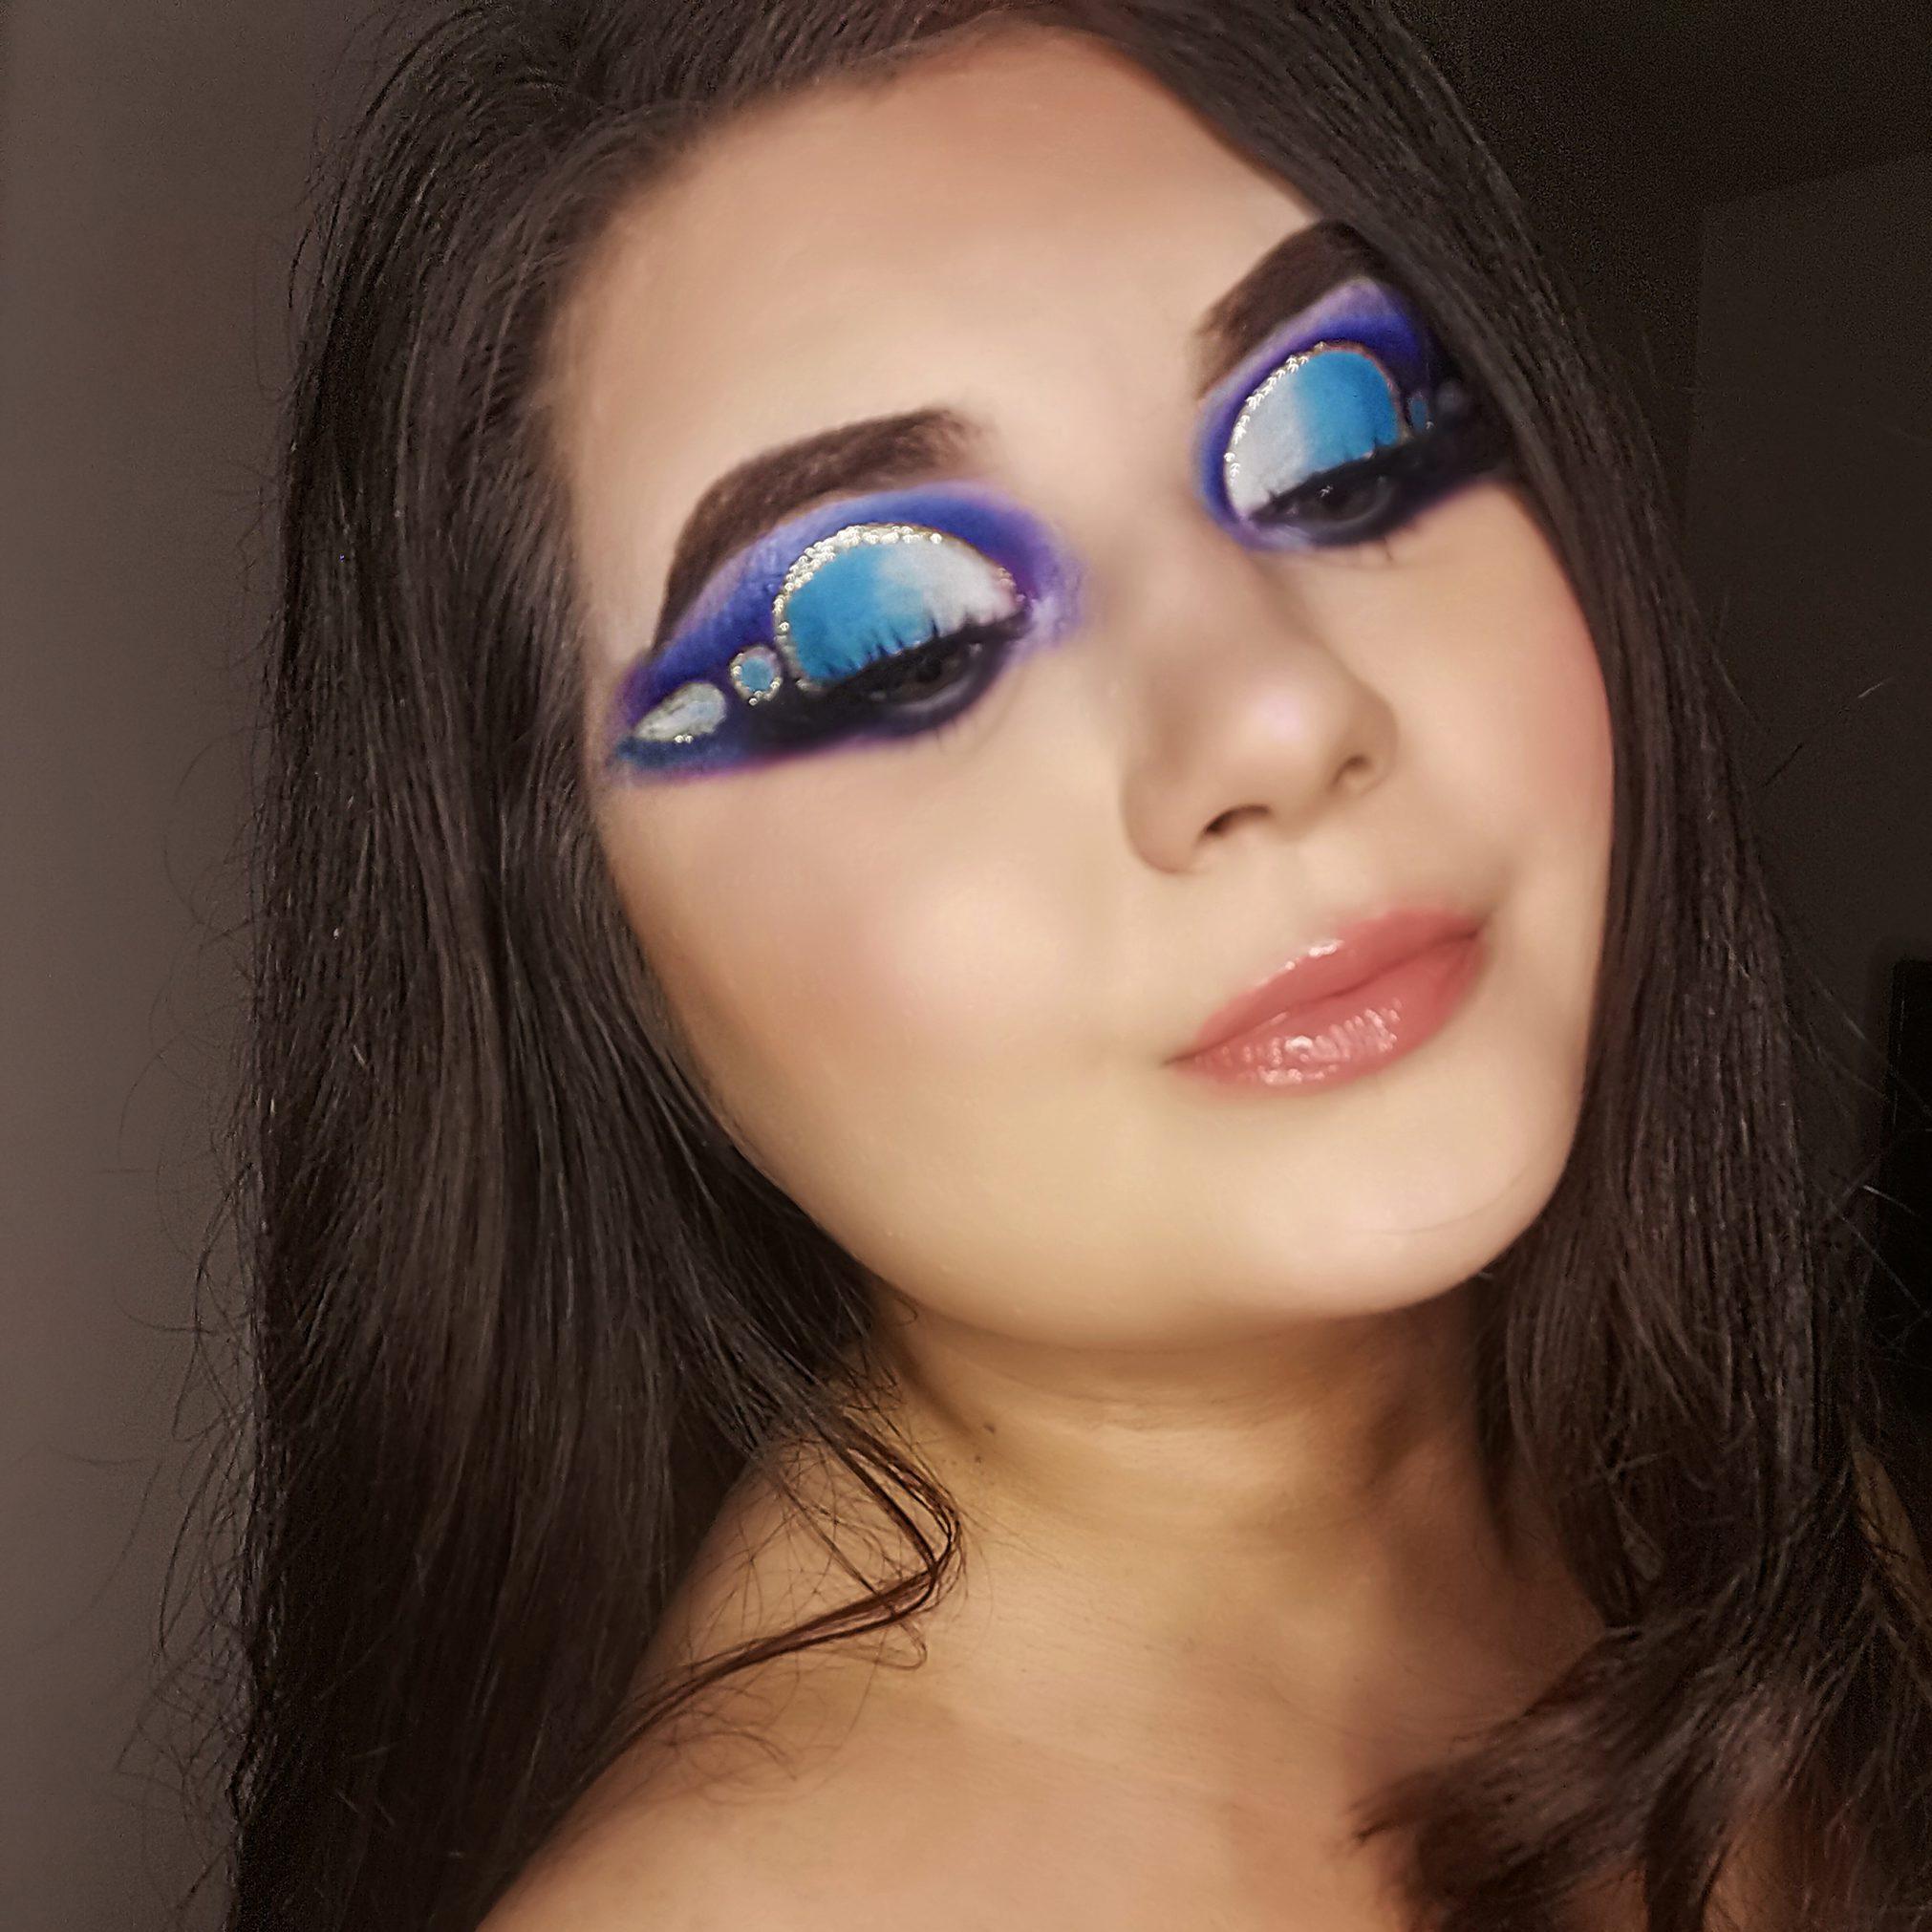 Makeupby_lynne